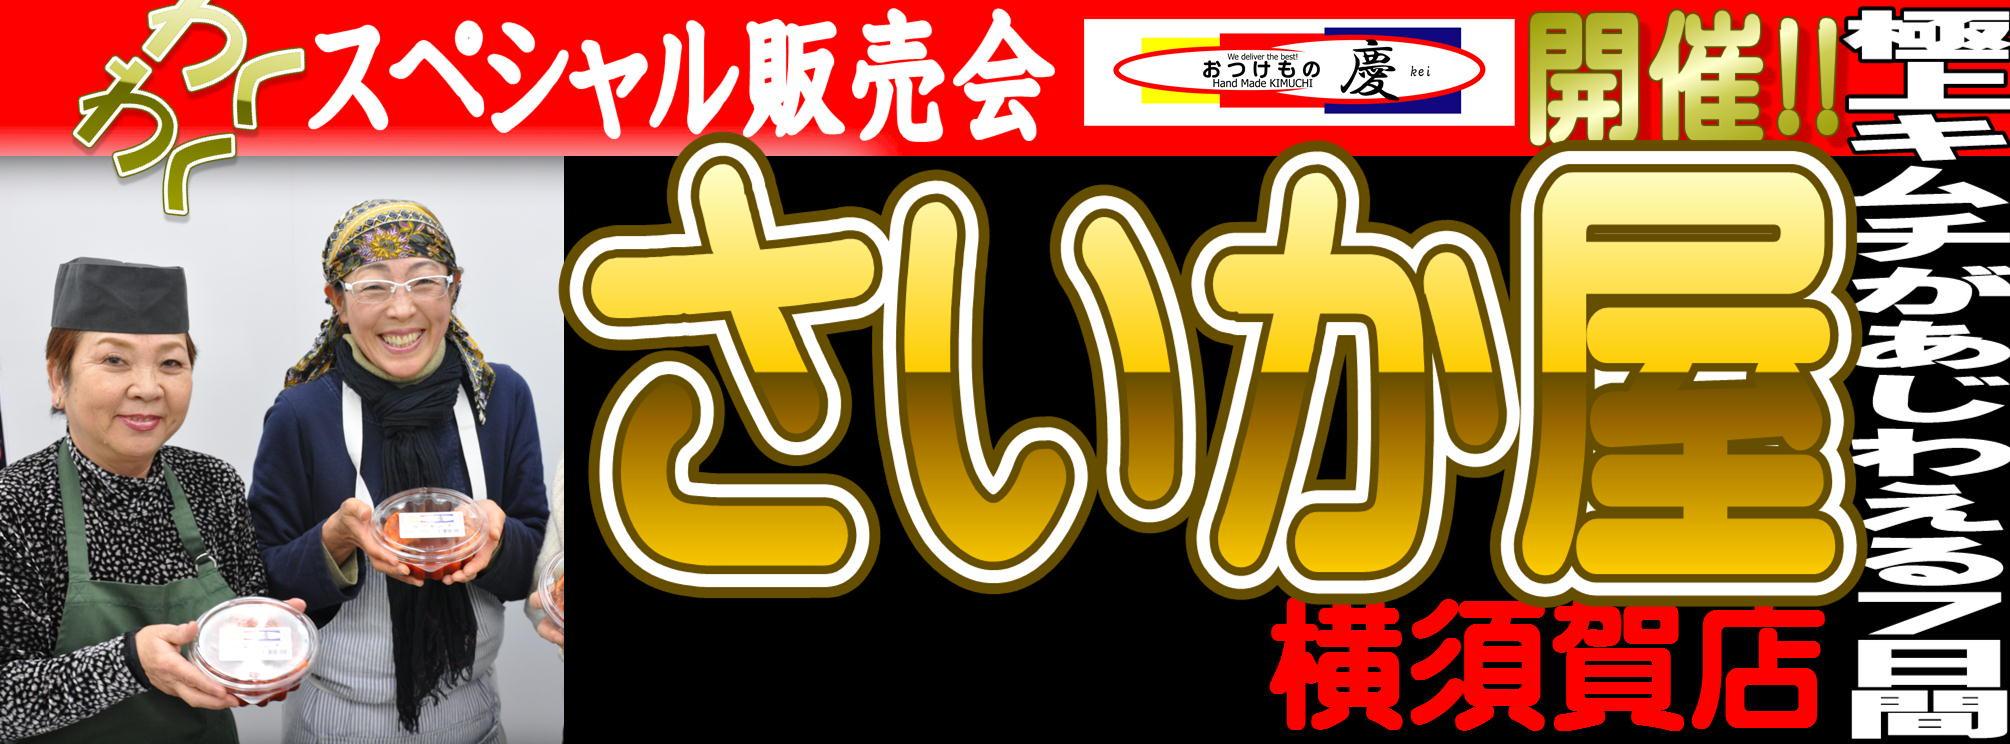 慶催事部隊ジャパンツアー@さいか屋横須賀店4階